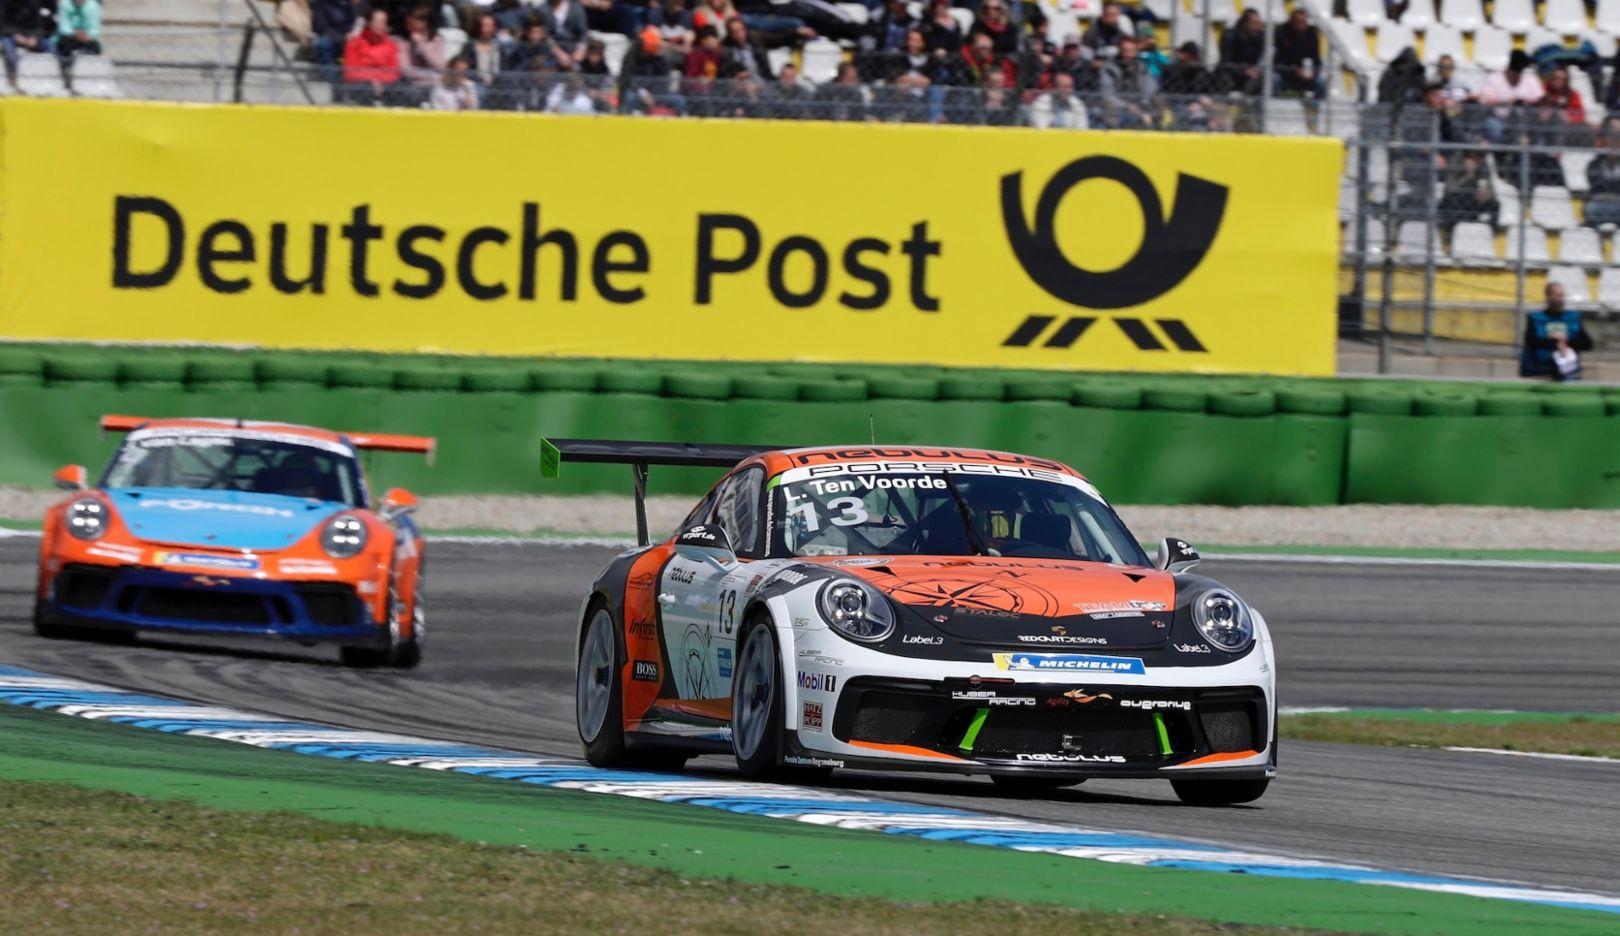 911 GT3 Cup, Porsche Carrera Cup Deutschland, Hockenheim, Race 2, 2019, Porsche AG